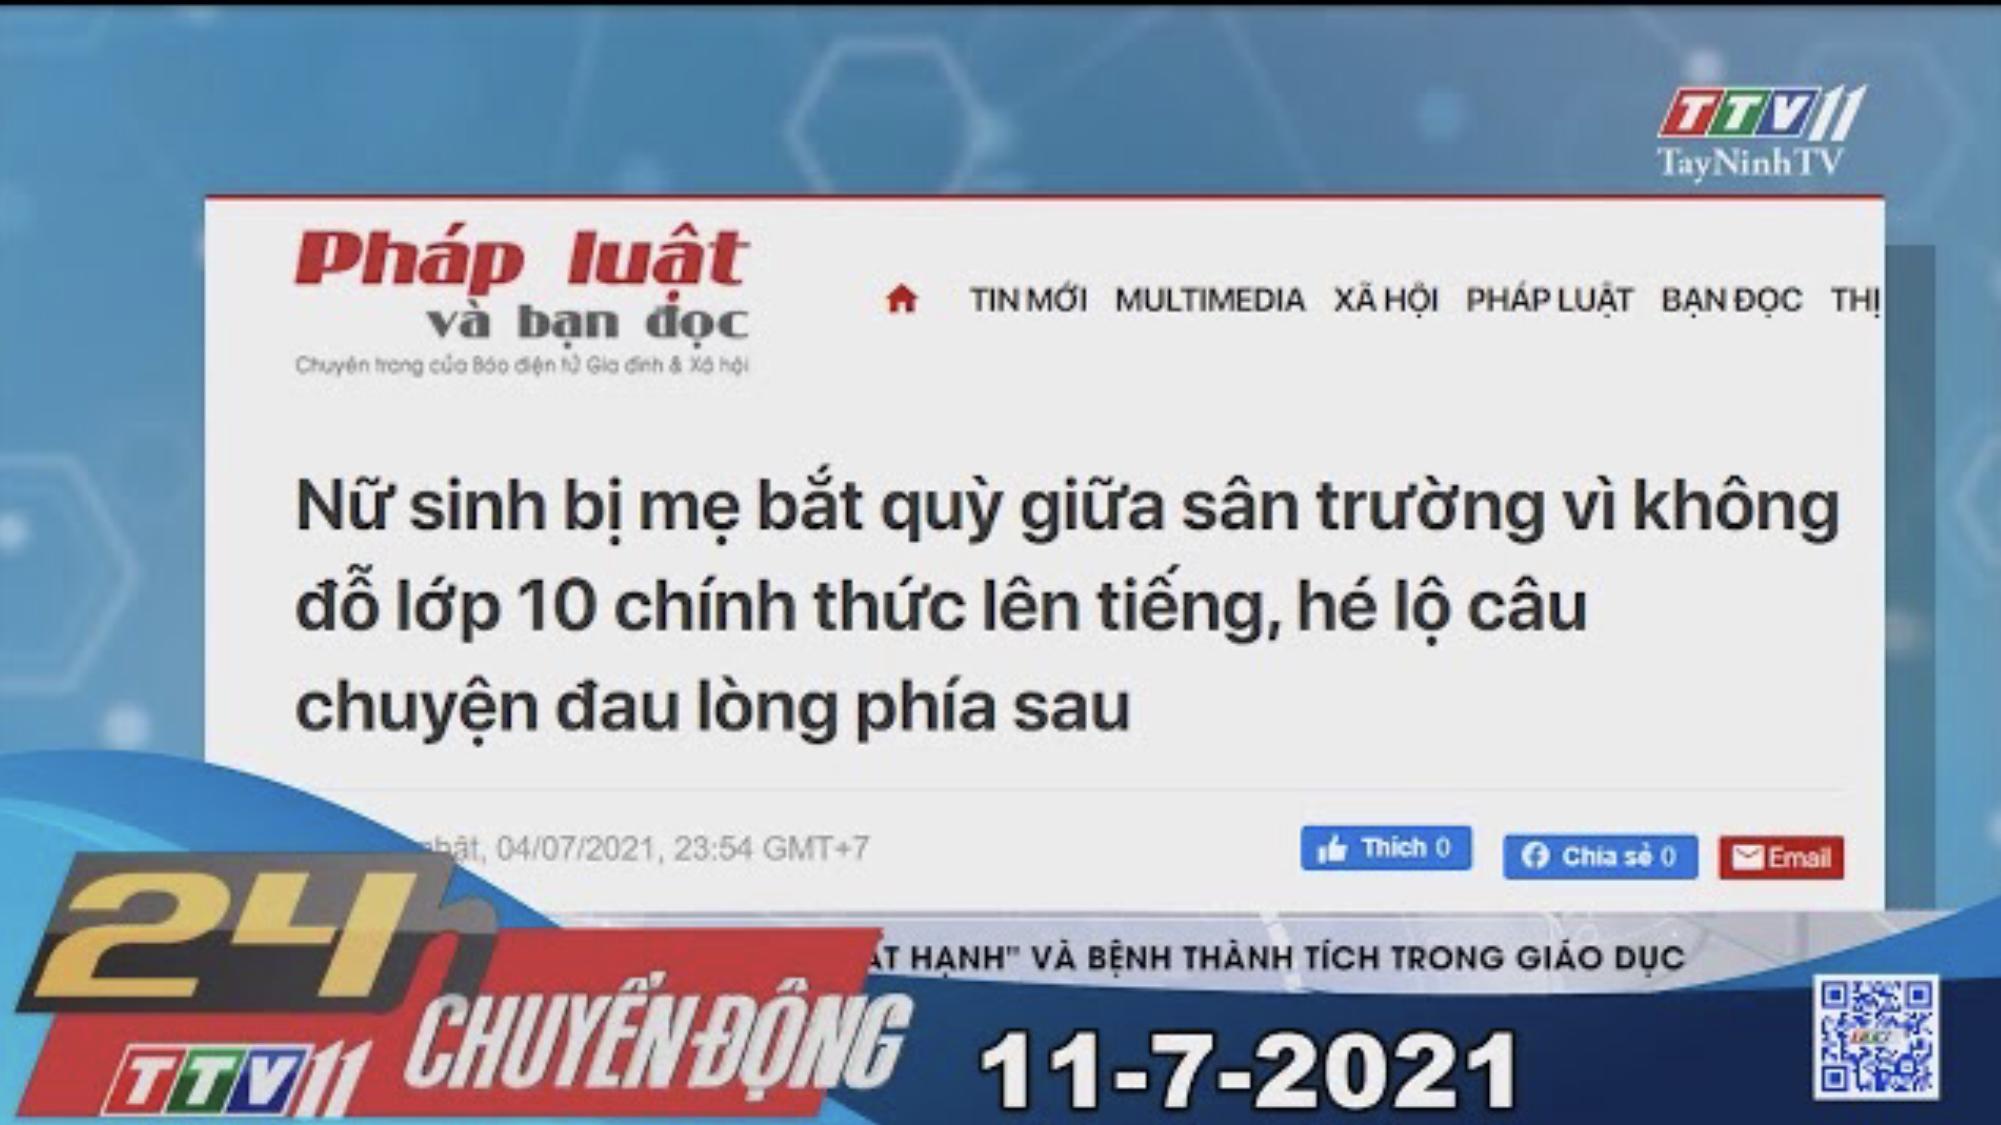 24h Chuyển động 11-7-2021   Tin tức hôm nay   TayNinhTV